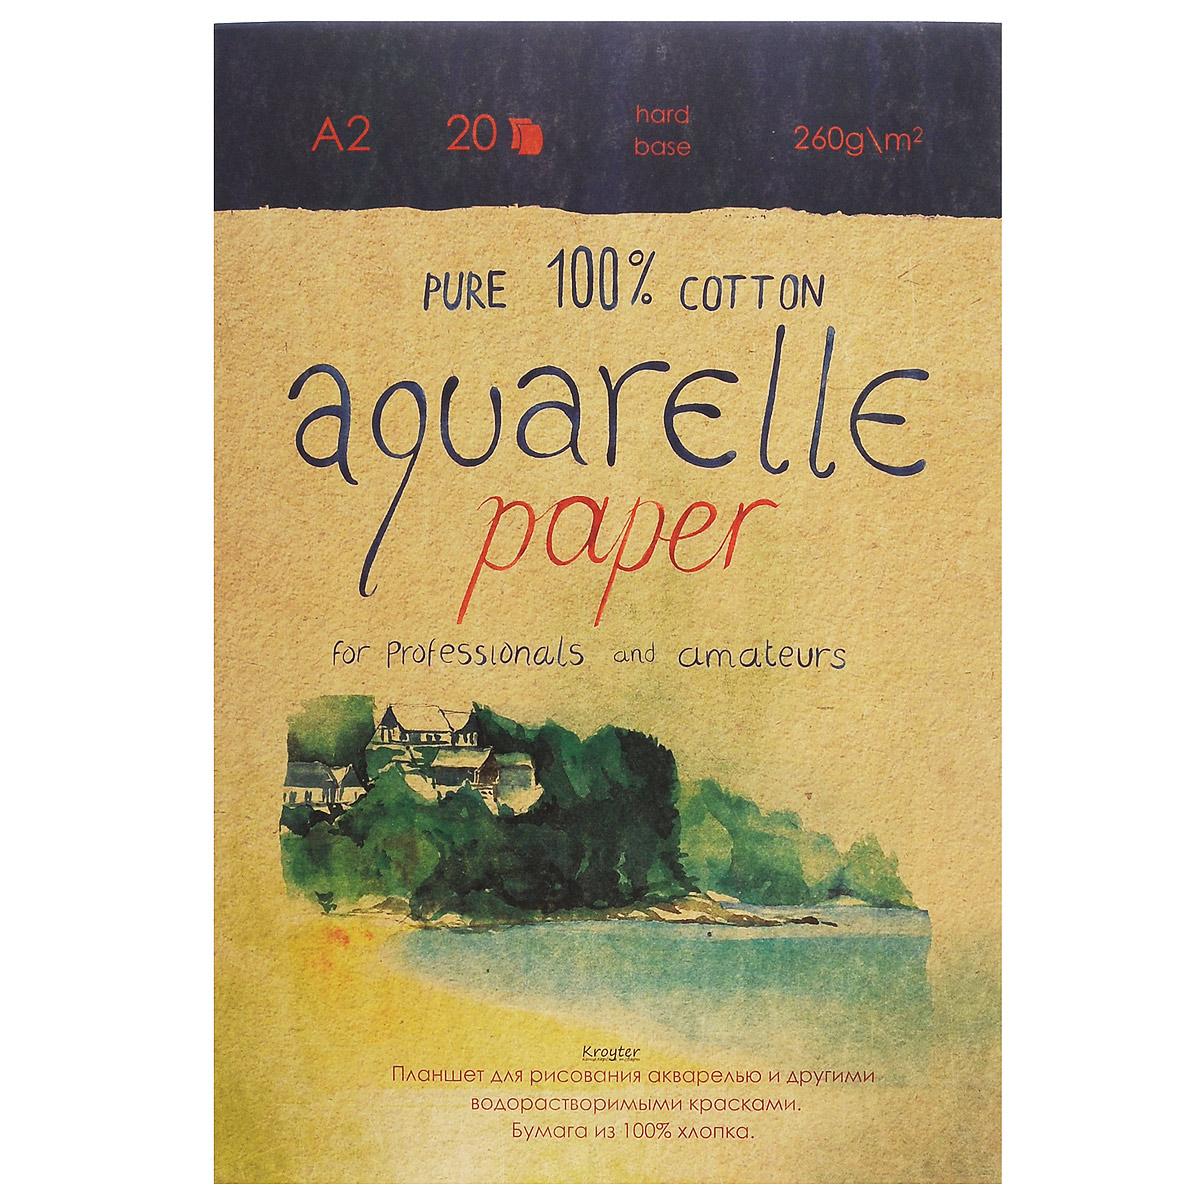 Альбом для акварели Kroyter, 20 листов, формат А27709653Альбом для рисования акварелью Kroyter изготовлен из высококачественной бумаги, что позволяет карандашам, фломастерам и краскам ровно ложиться на поверхность и не растекаться по листу. Рисование в таких альбомах доставит маленьким художникам максимальное удовольствие. Обложка выполнена из мелованного картона с клеевым креплением. Рисование позволяет развивать творческие способности, кроме того, это увлекательный досуг.Плотность: 260 г/м2.